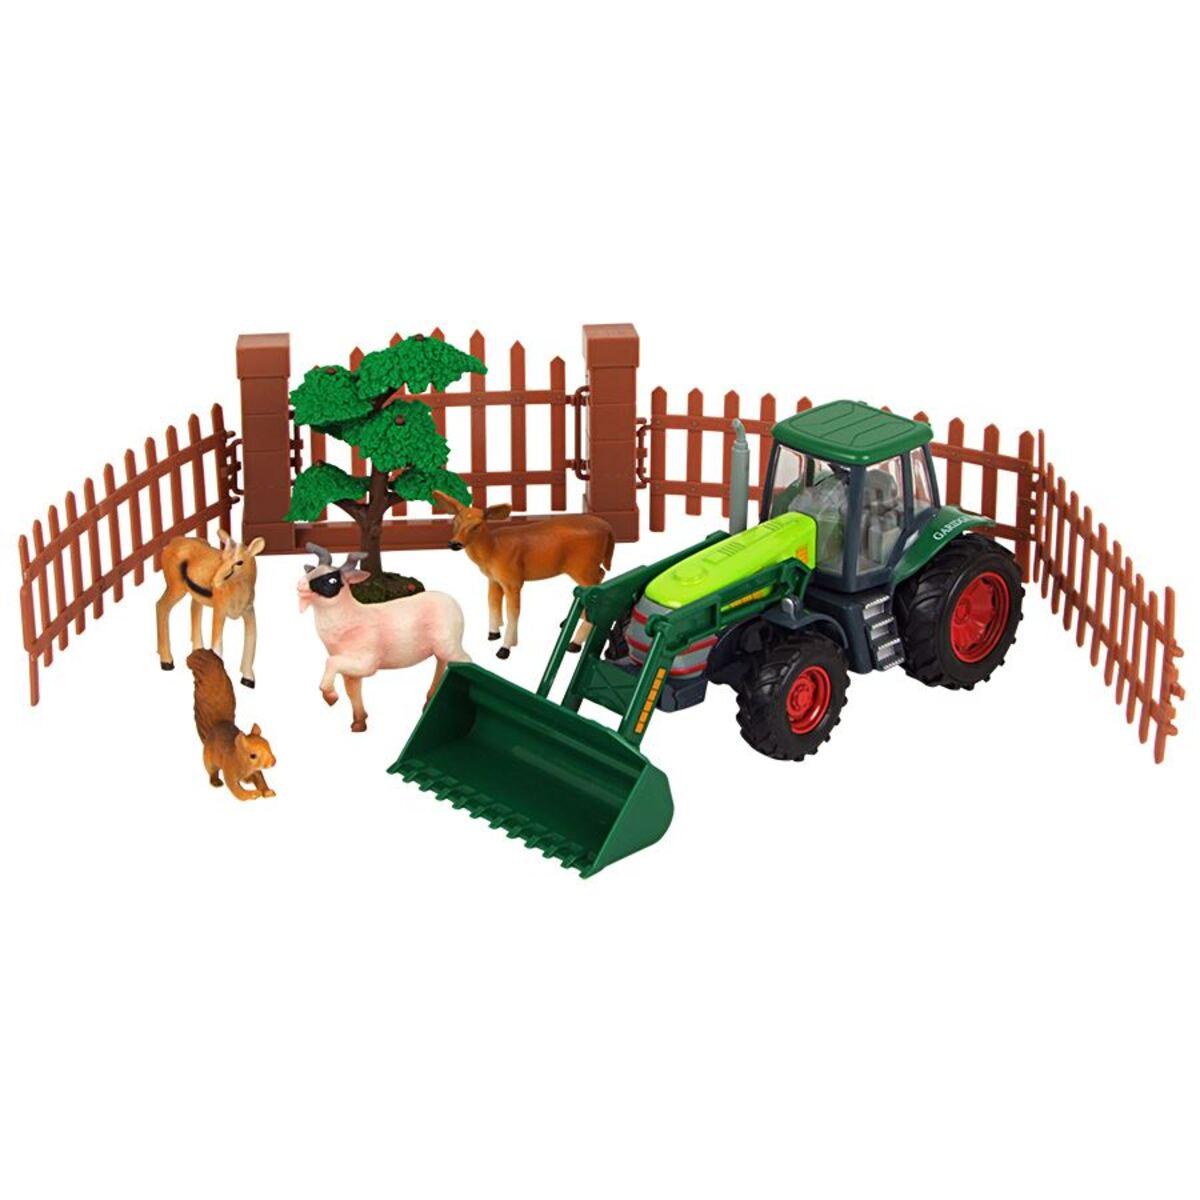 Bild 1 von Bauernhofset mit grünem Trecker, Tieren und Zubehör 10-teilig